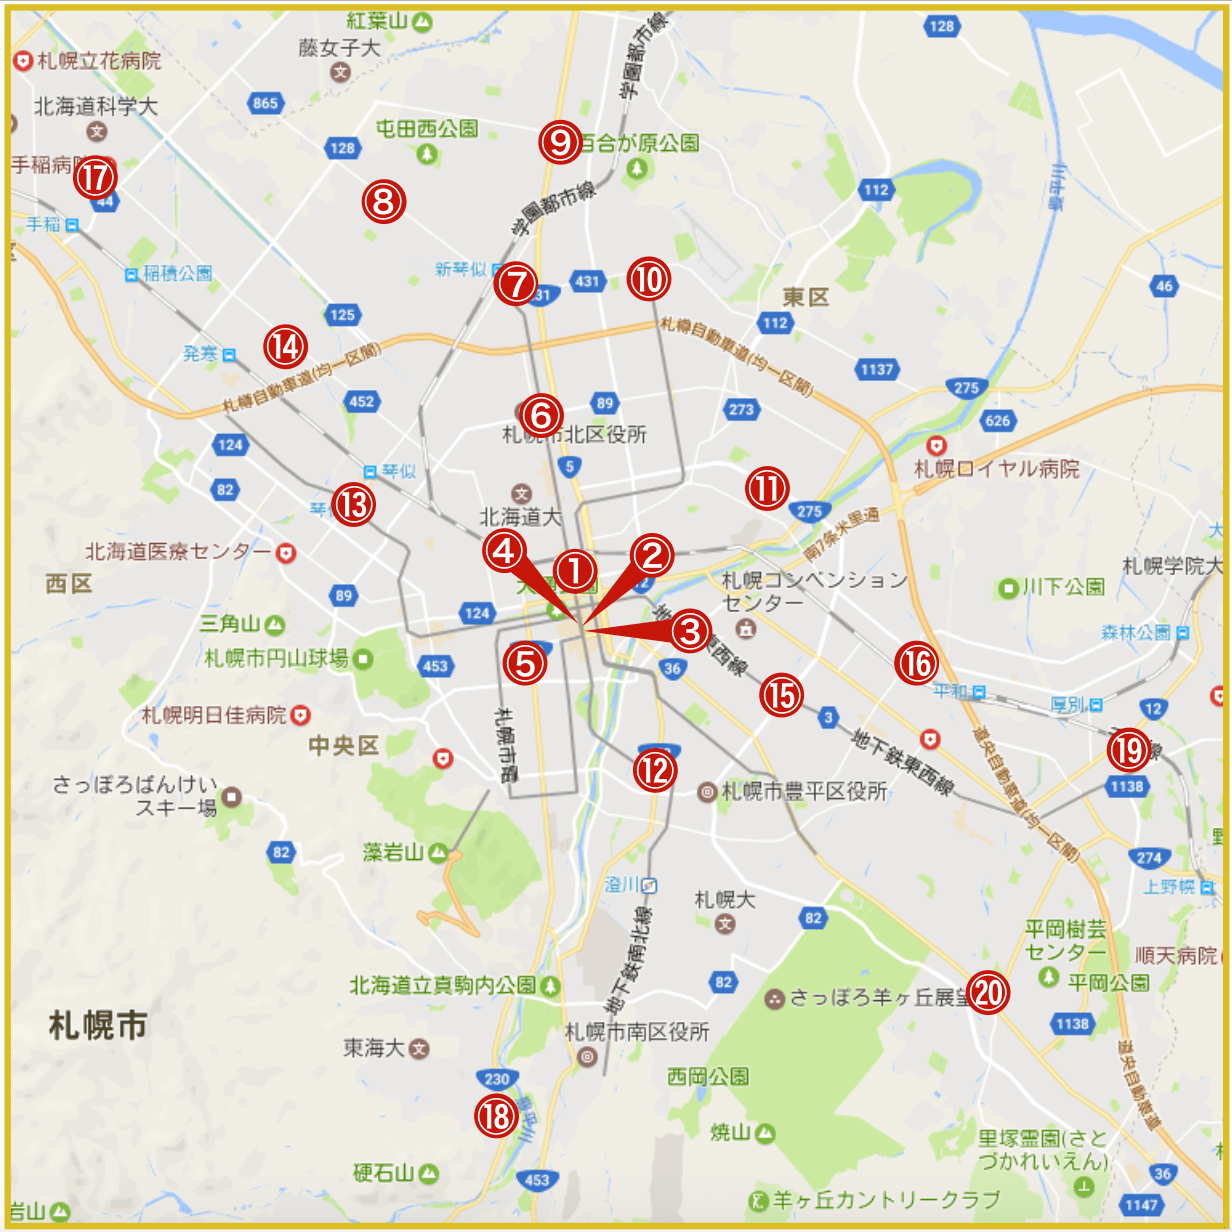 札幌市にあるプロミス店舗・ATMの位置